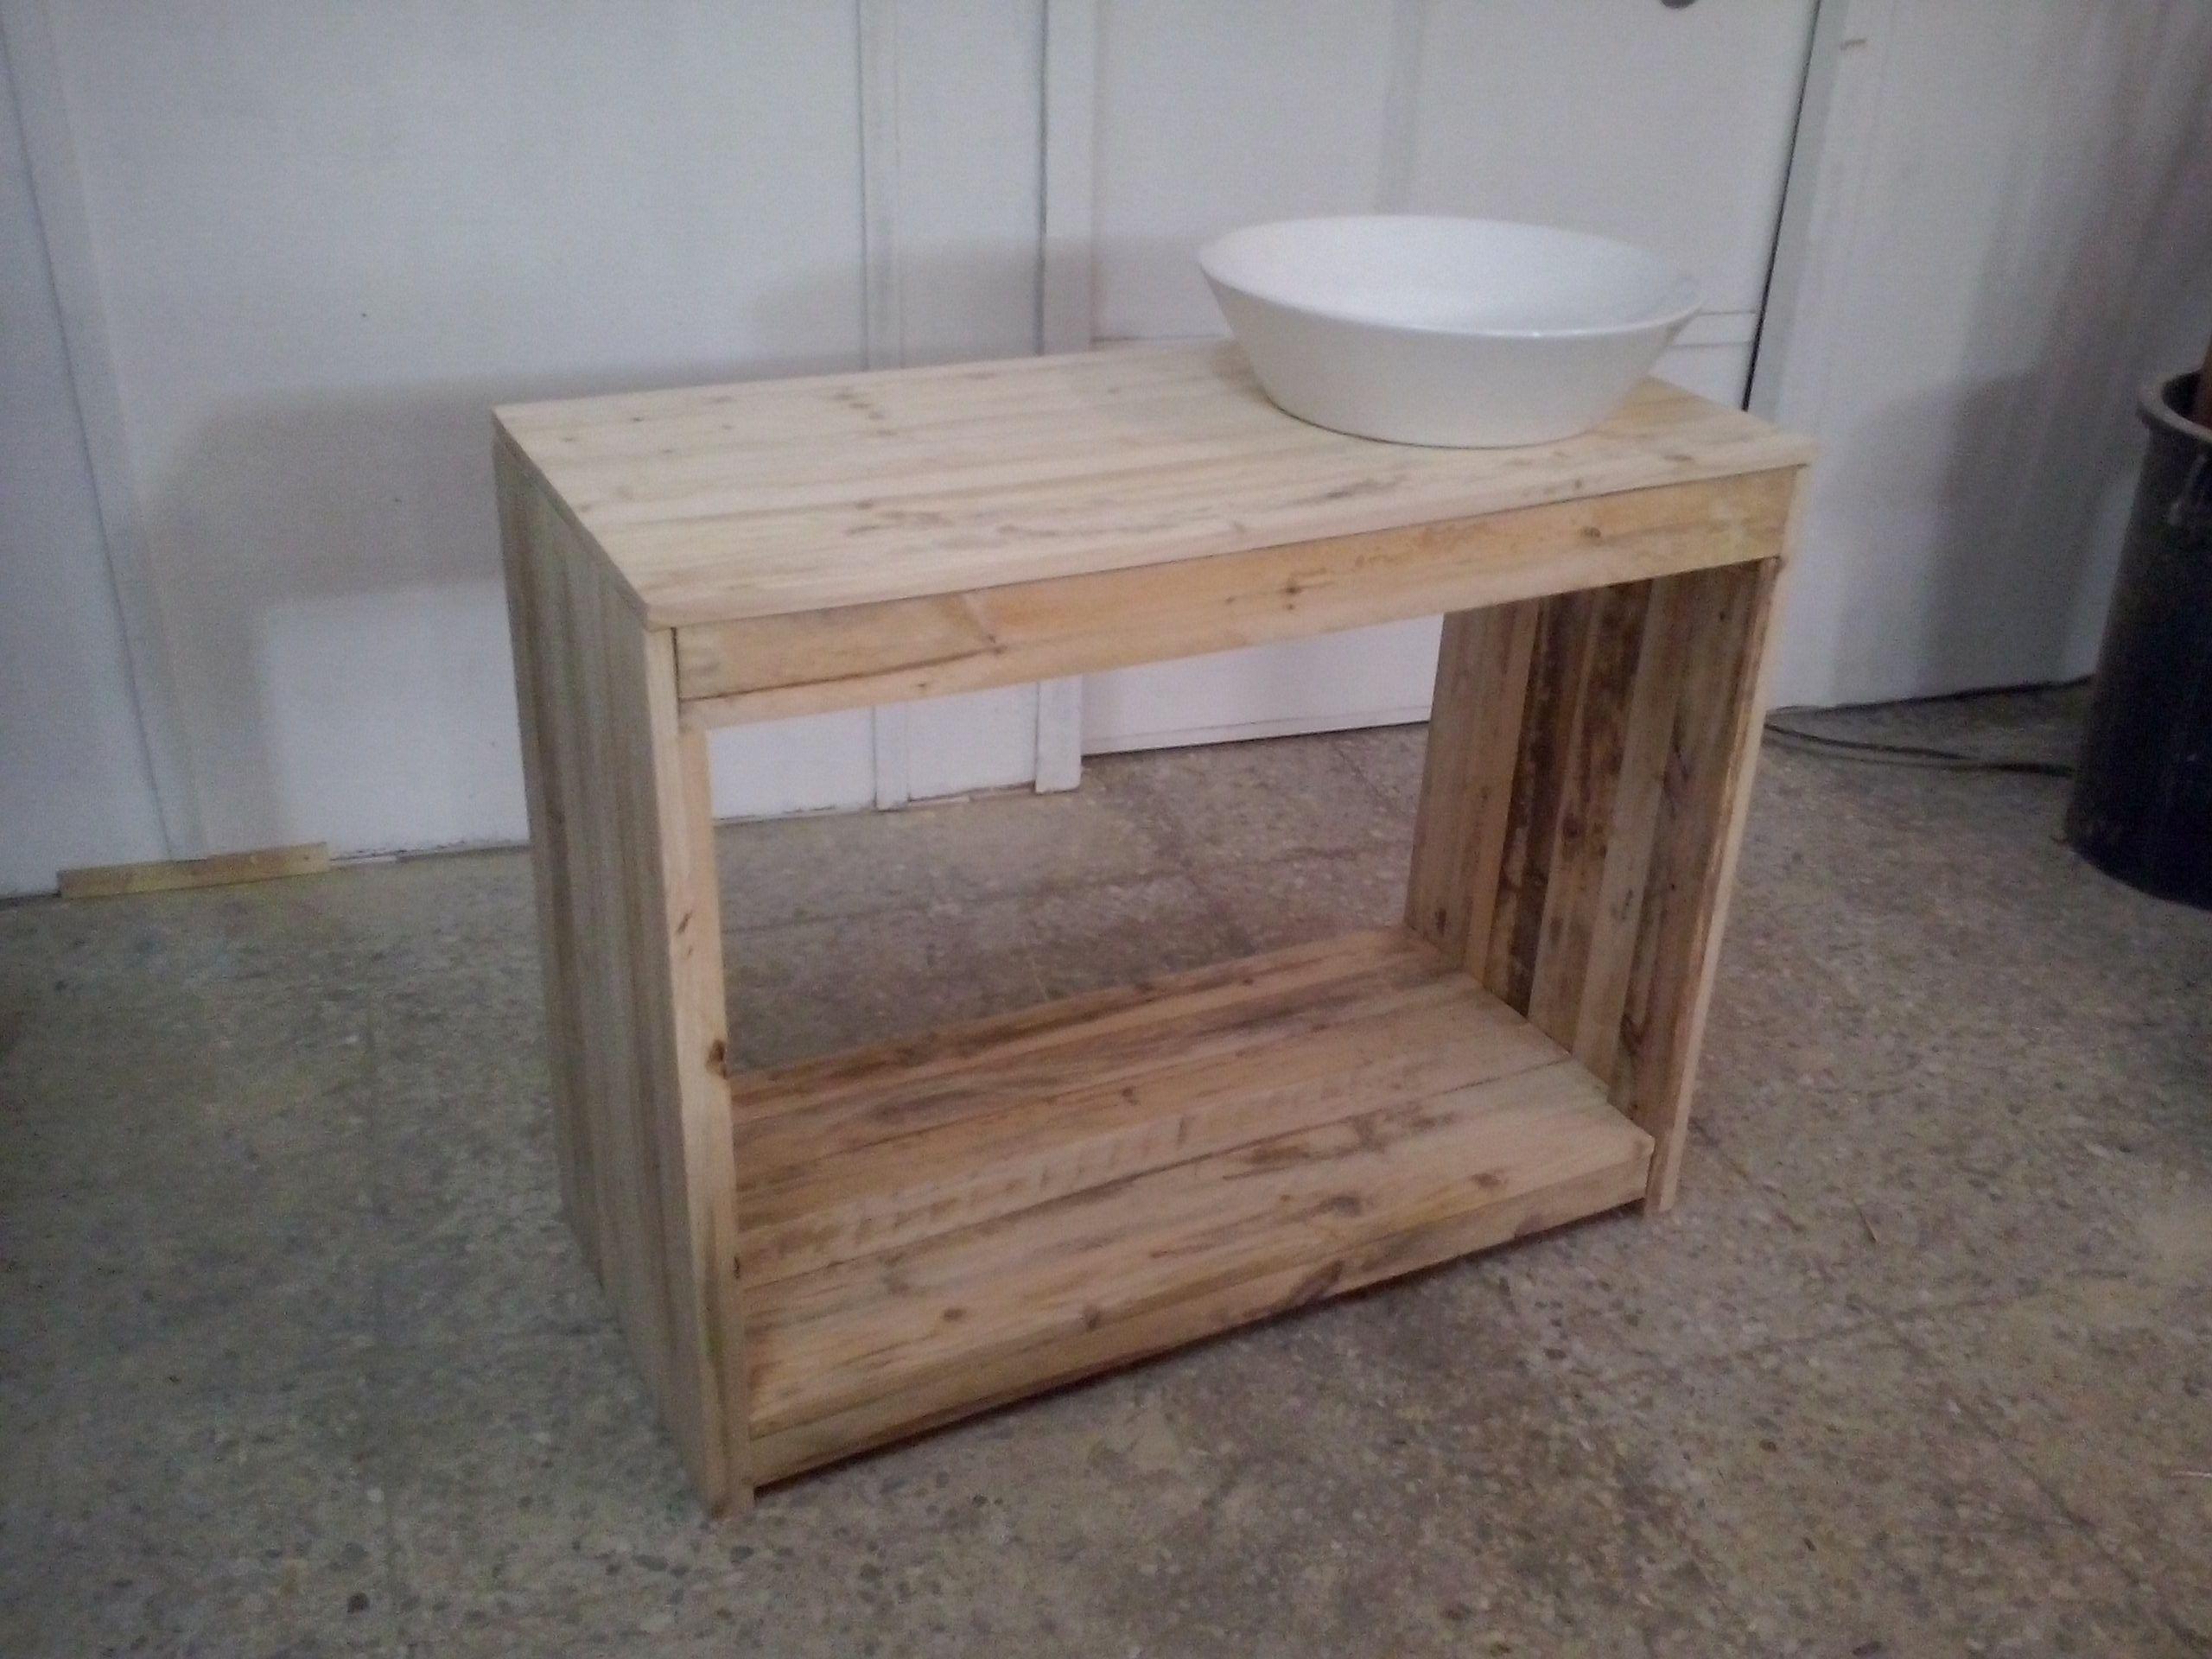 Mueble lavabo realizado con maderas de palets usados for Mueble realizado con palet de madera